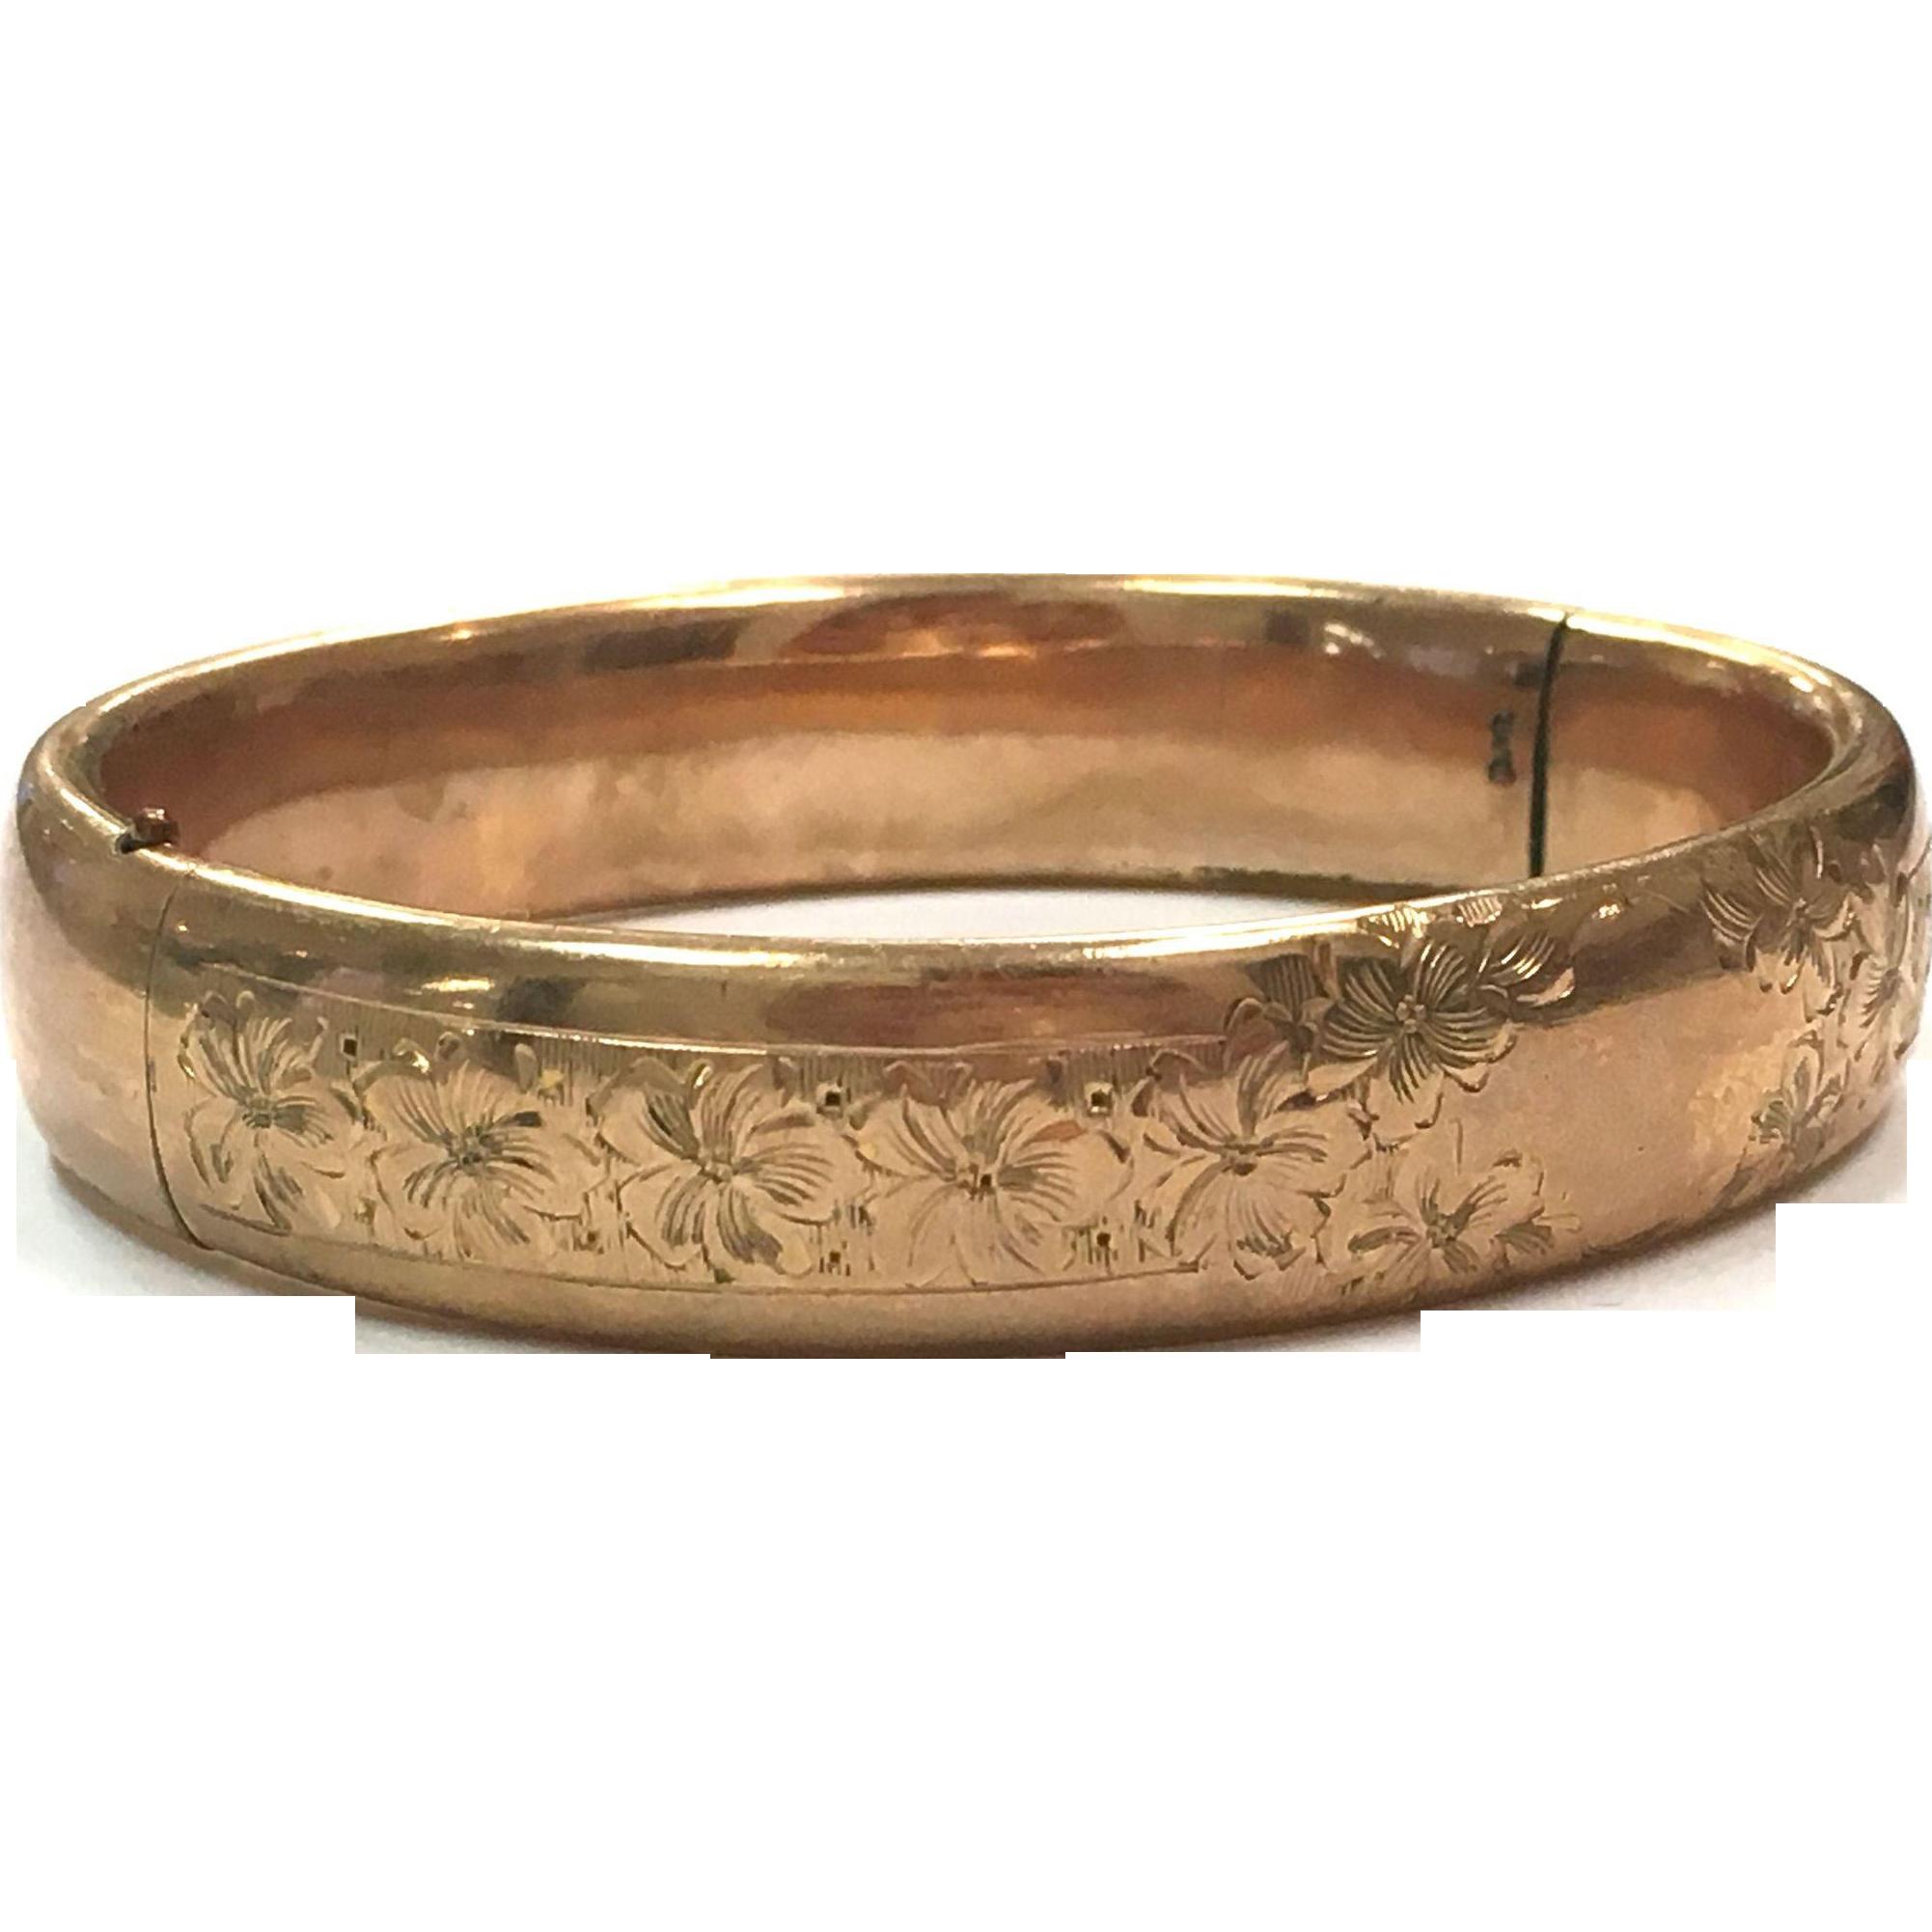 Antique gold filled engraved hinged bangle bracelet